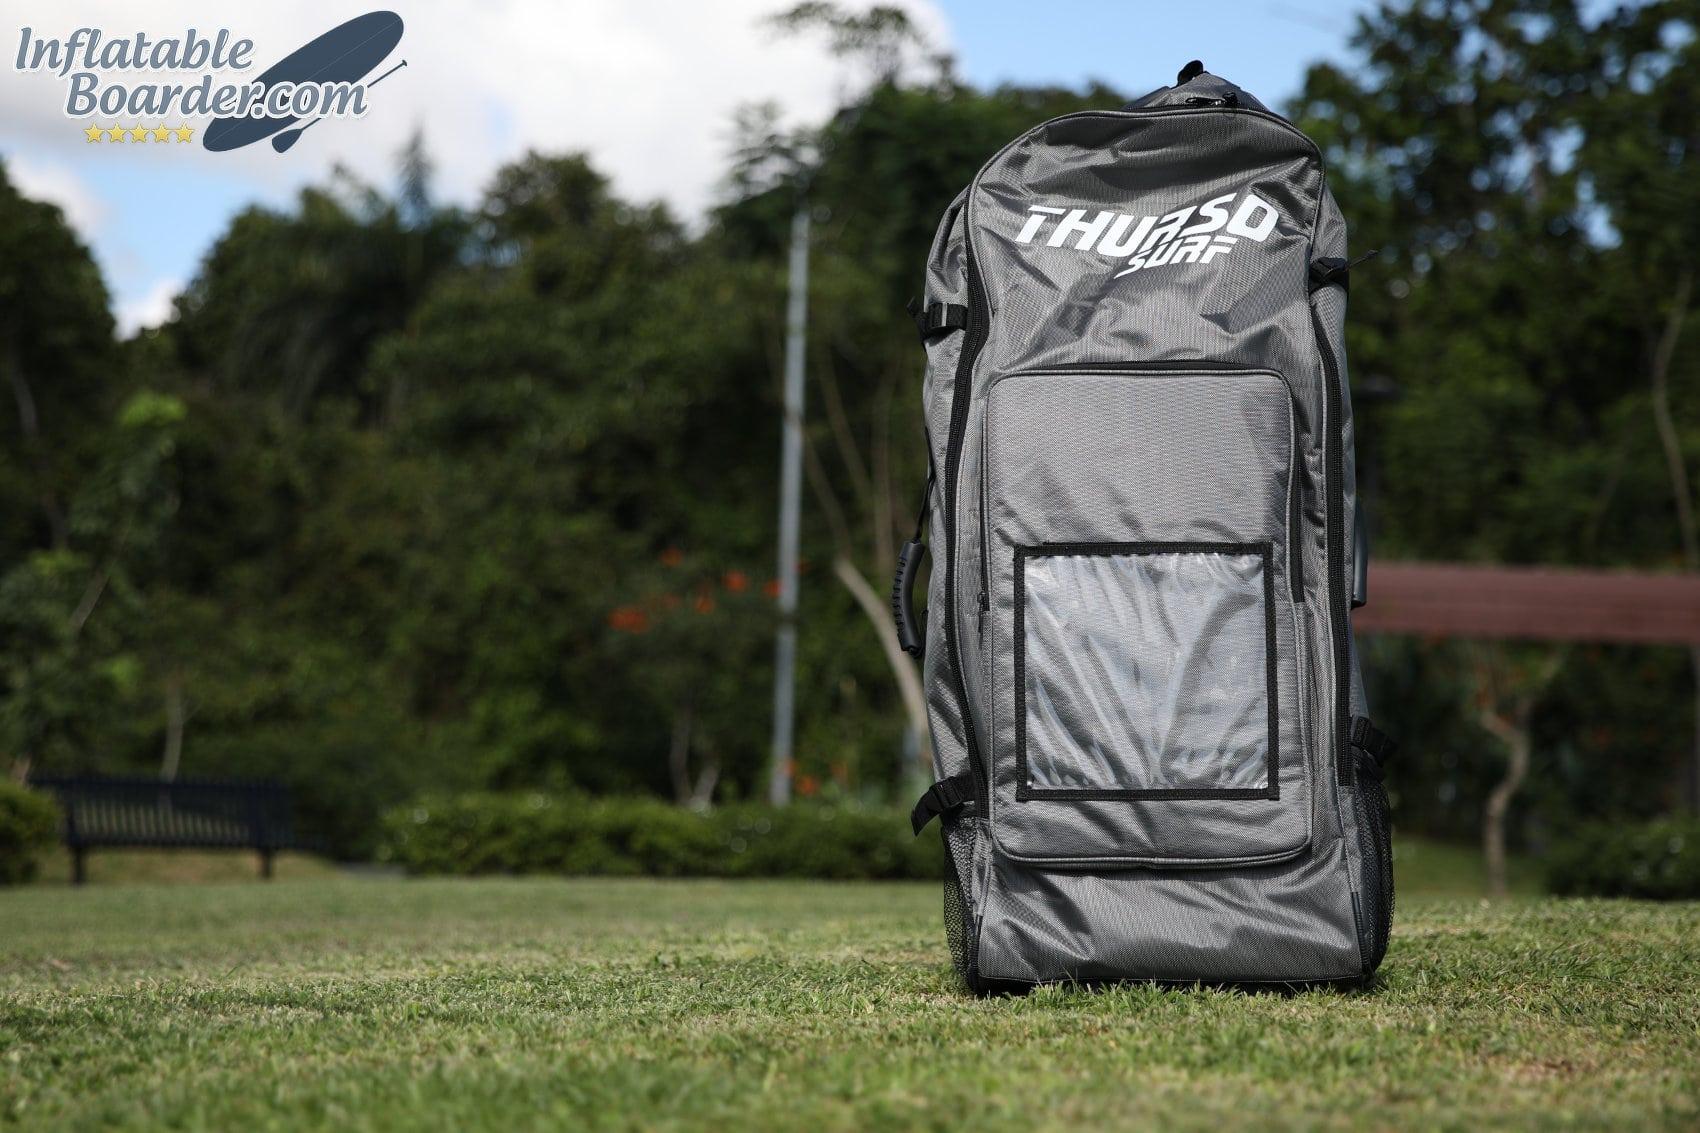 THURSO Roller Backpack